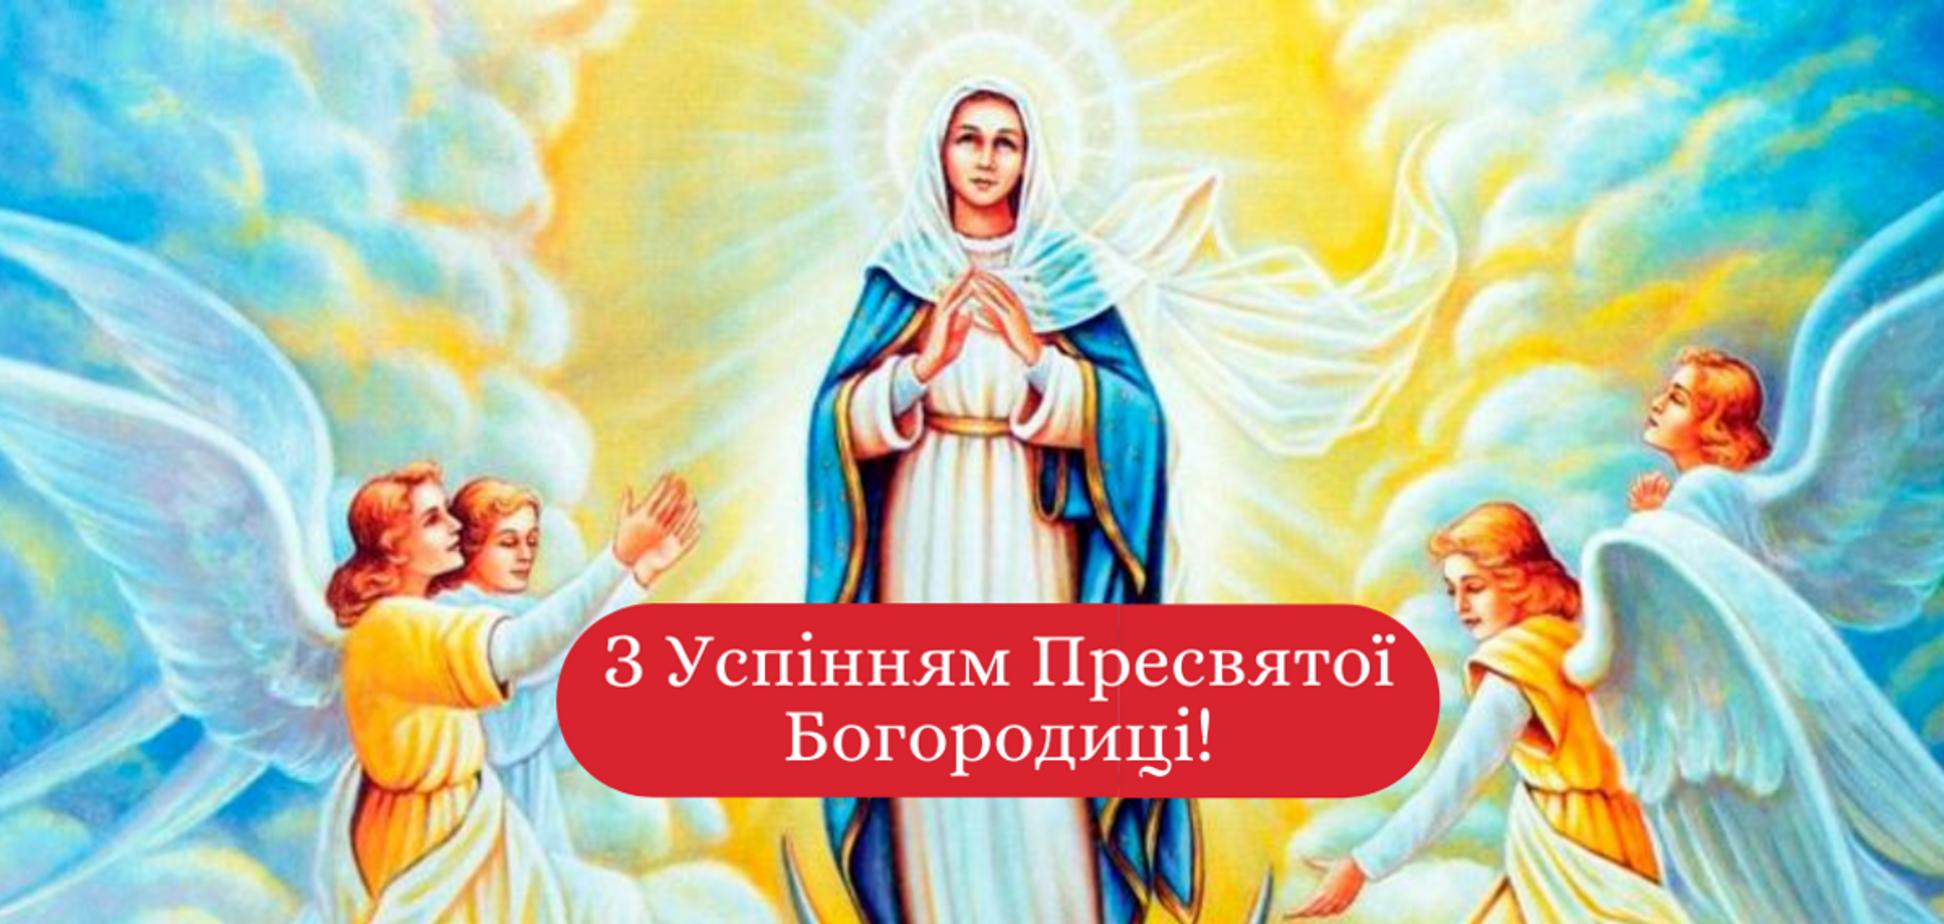 Успіння Пресвятої Богородиці відзначається 28 серпня